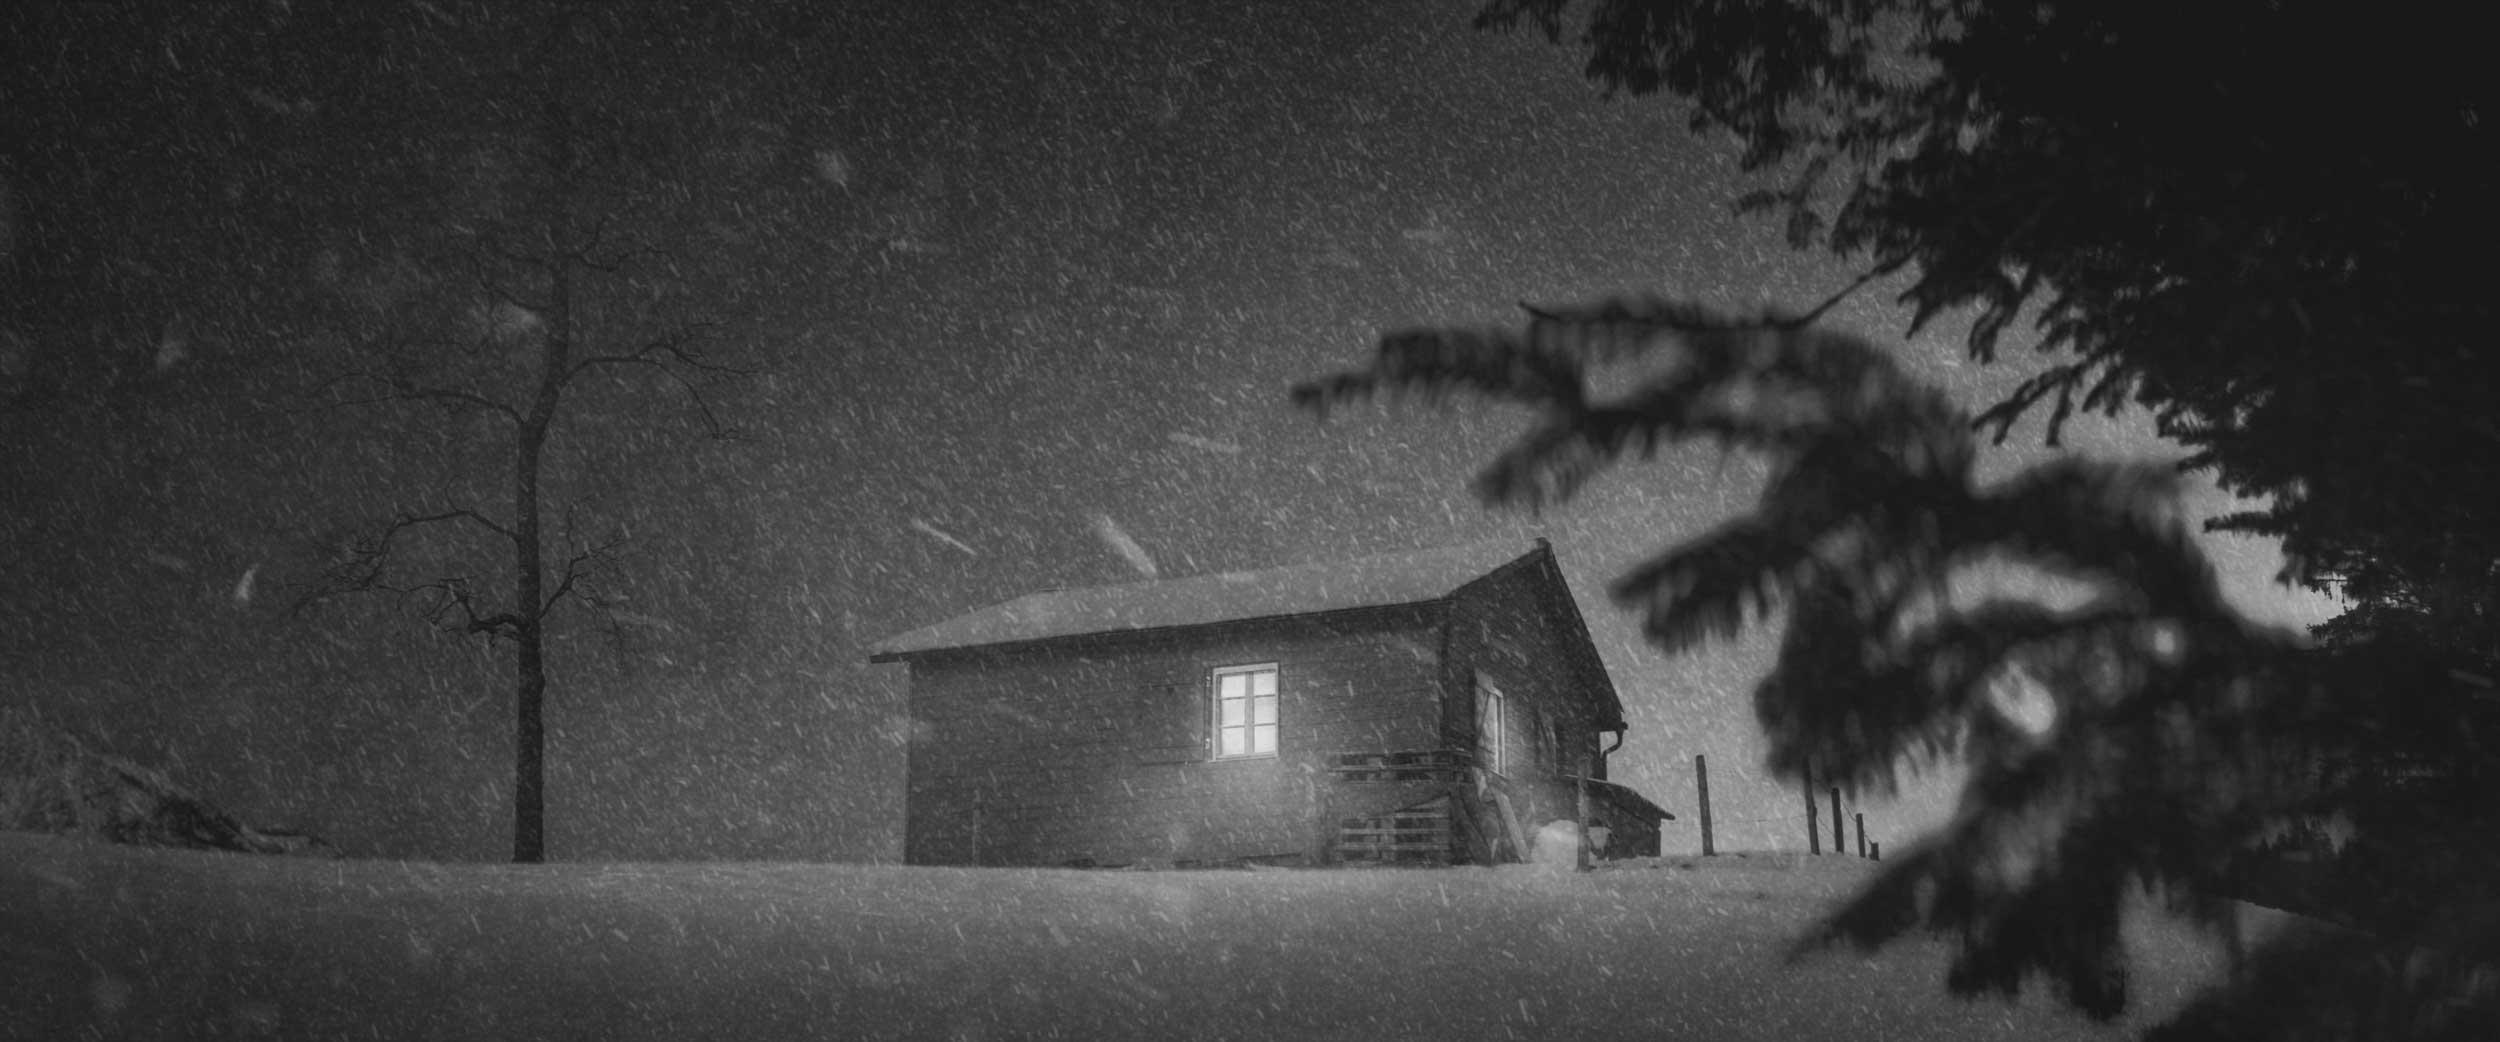 Alpine Getaway | hut in snow storm